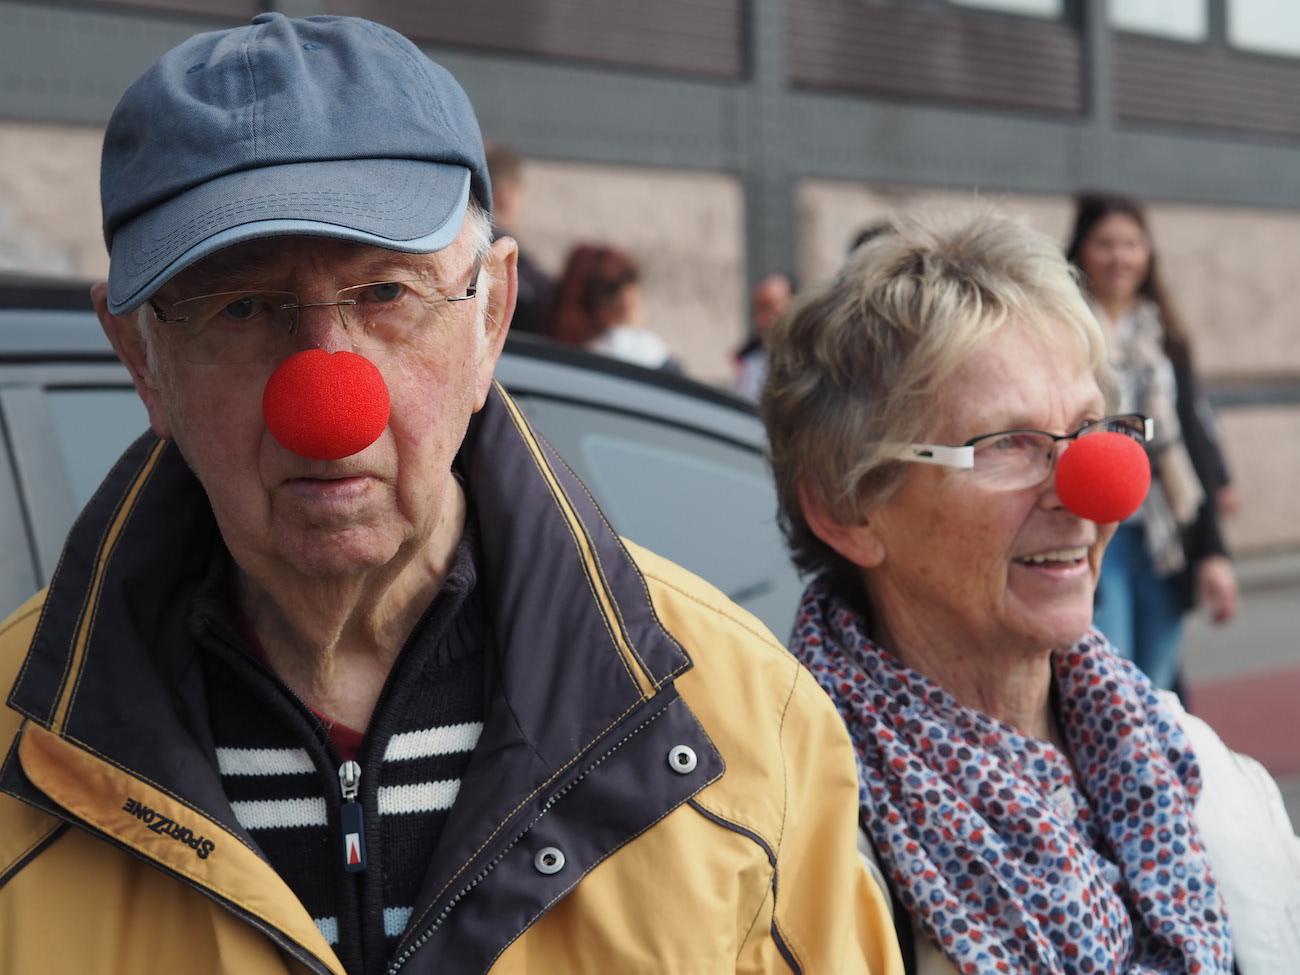 Rote Nasen für alle!